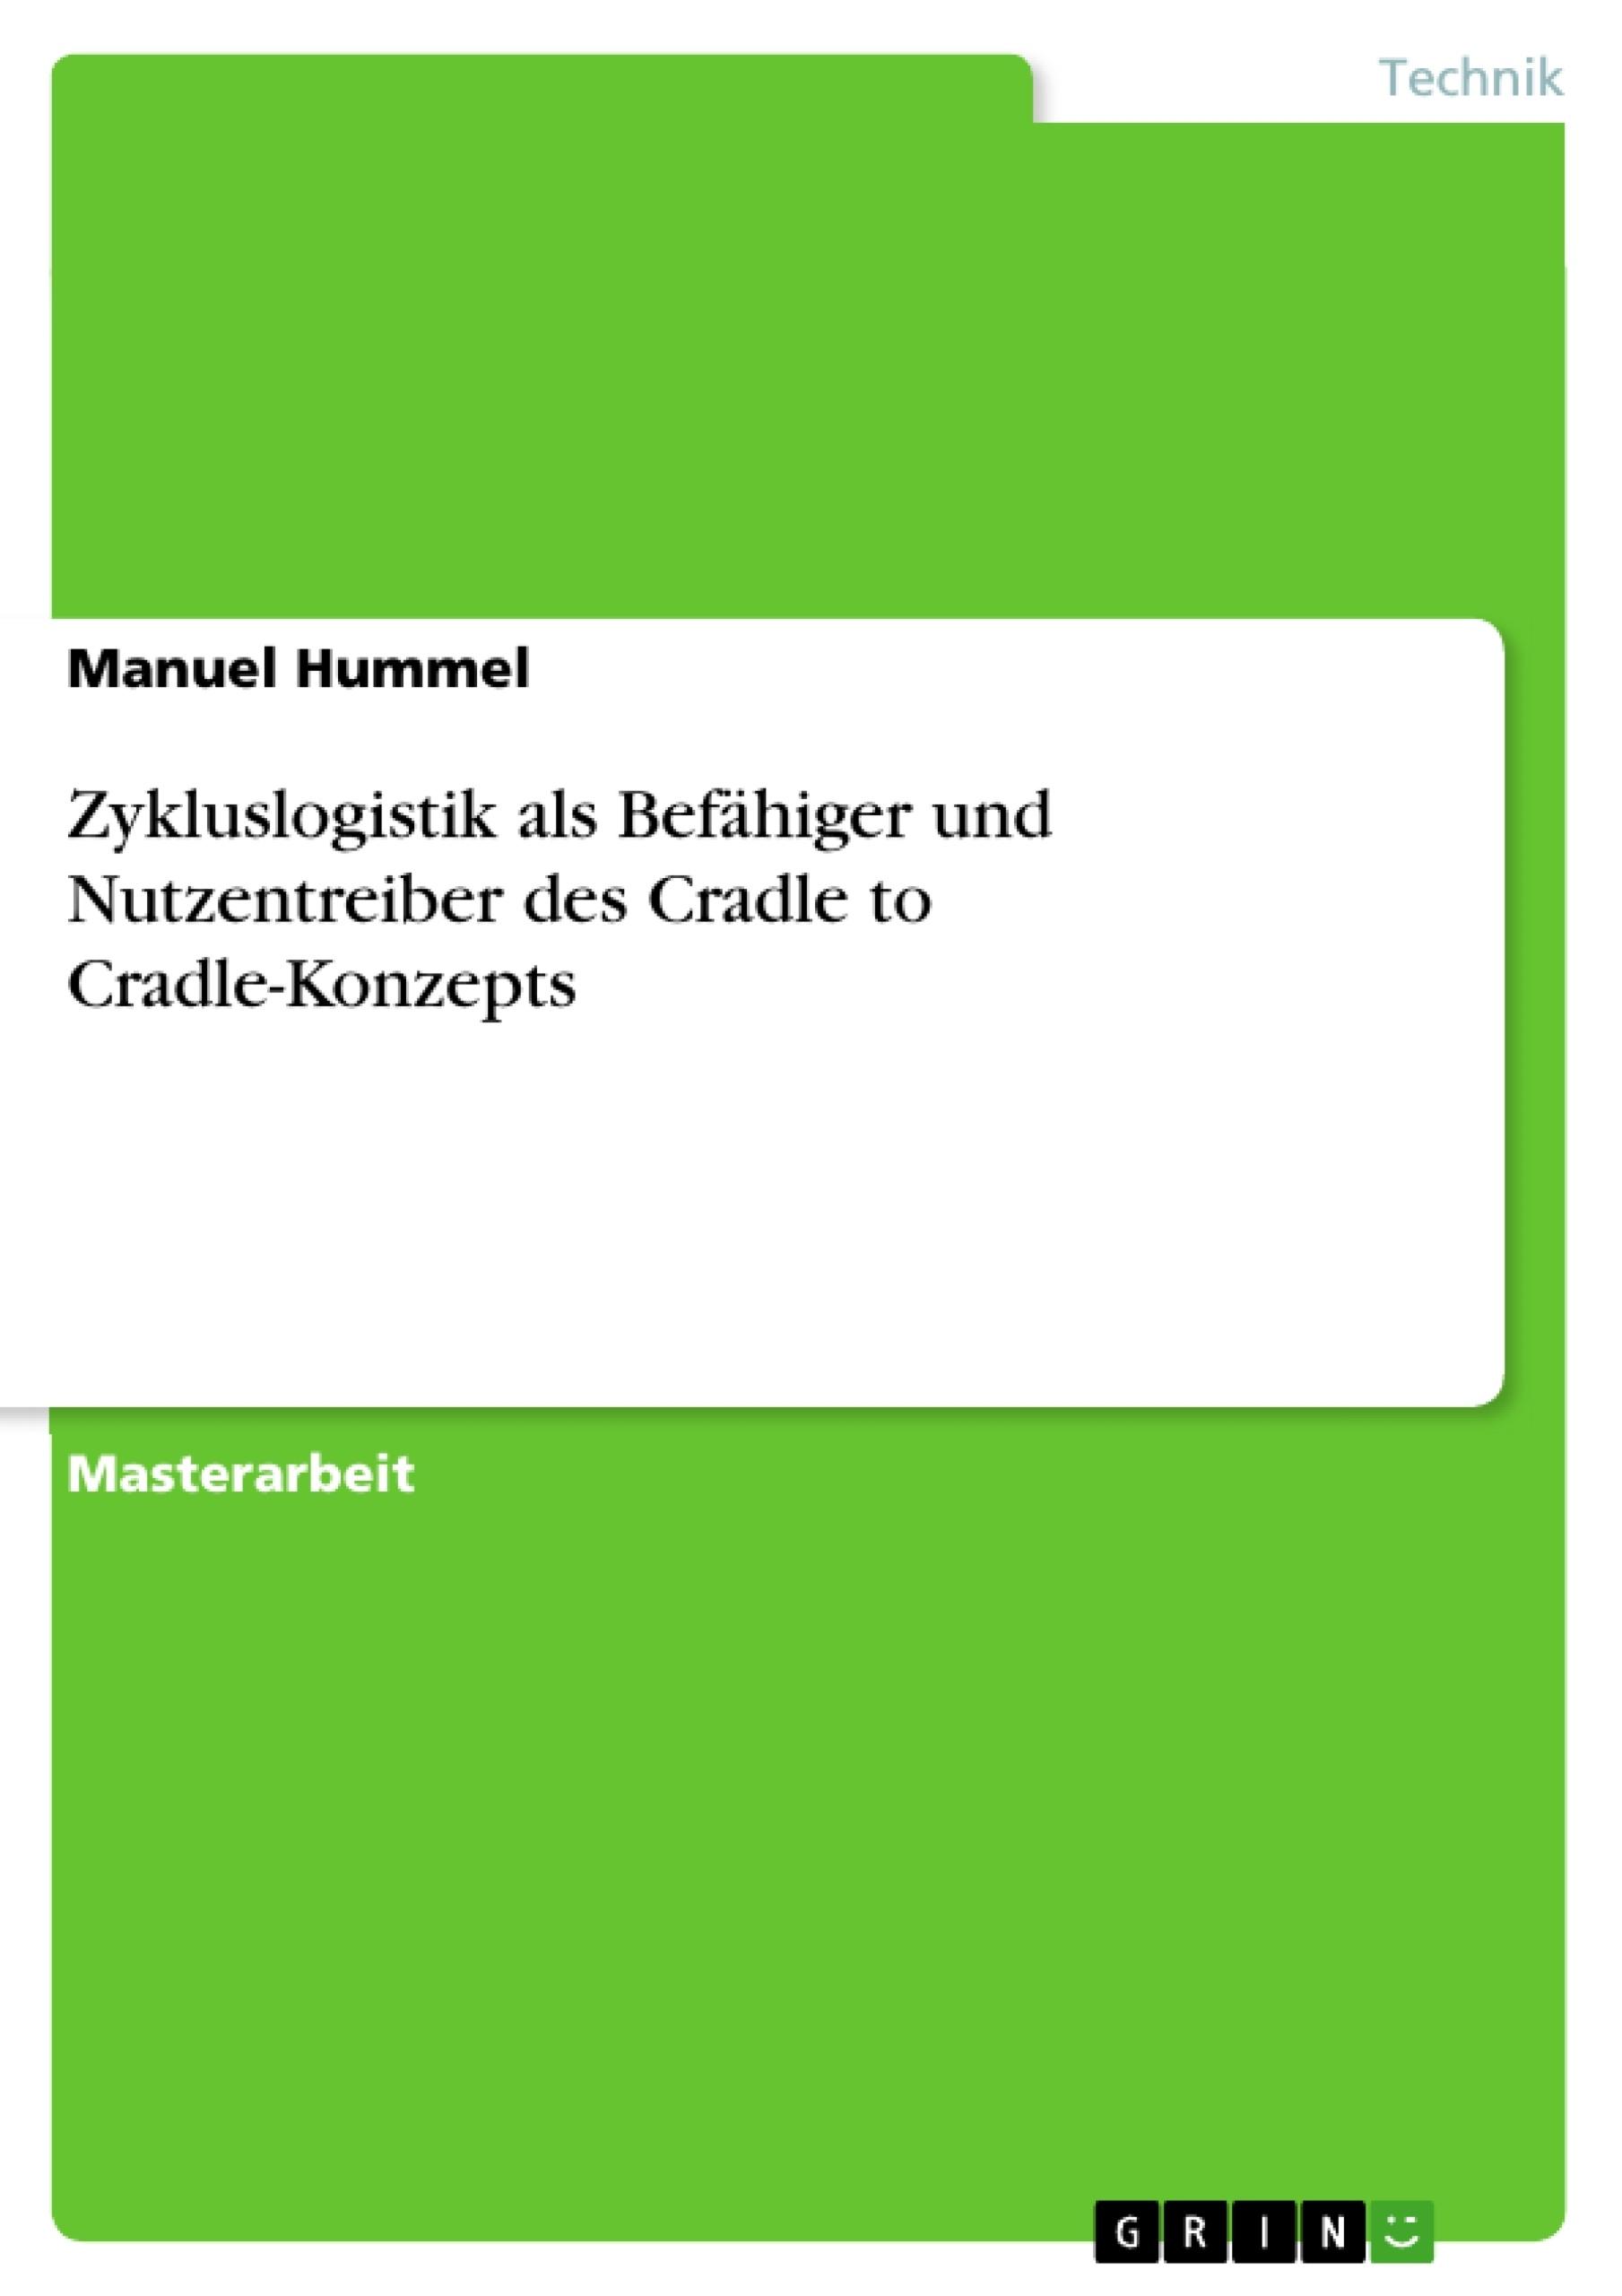 Titel: Zykluslogistik als Befähiger und Nutzentreiber des Cradle to Cradle-Konzepts